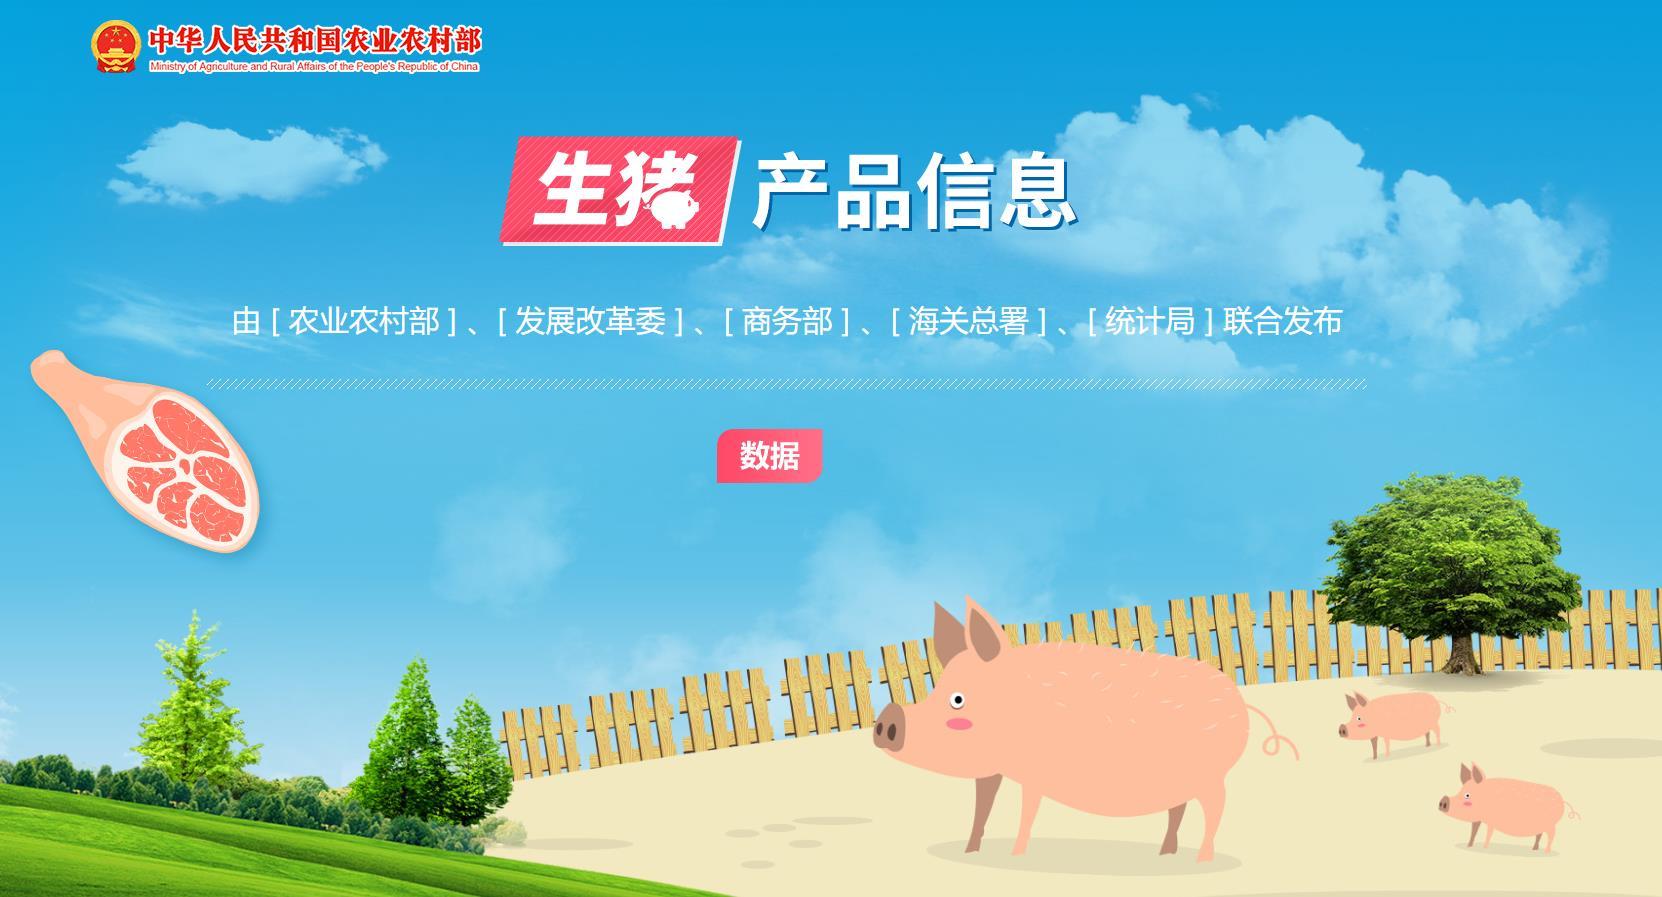 正式上線!農業農村部等5部門聯合發布生豬產品信息數據